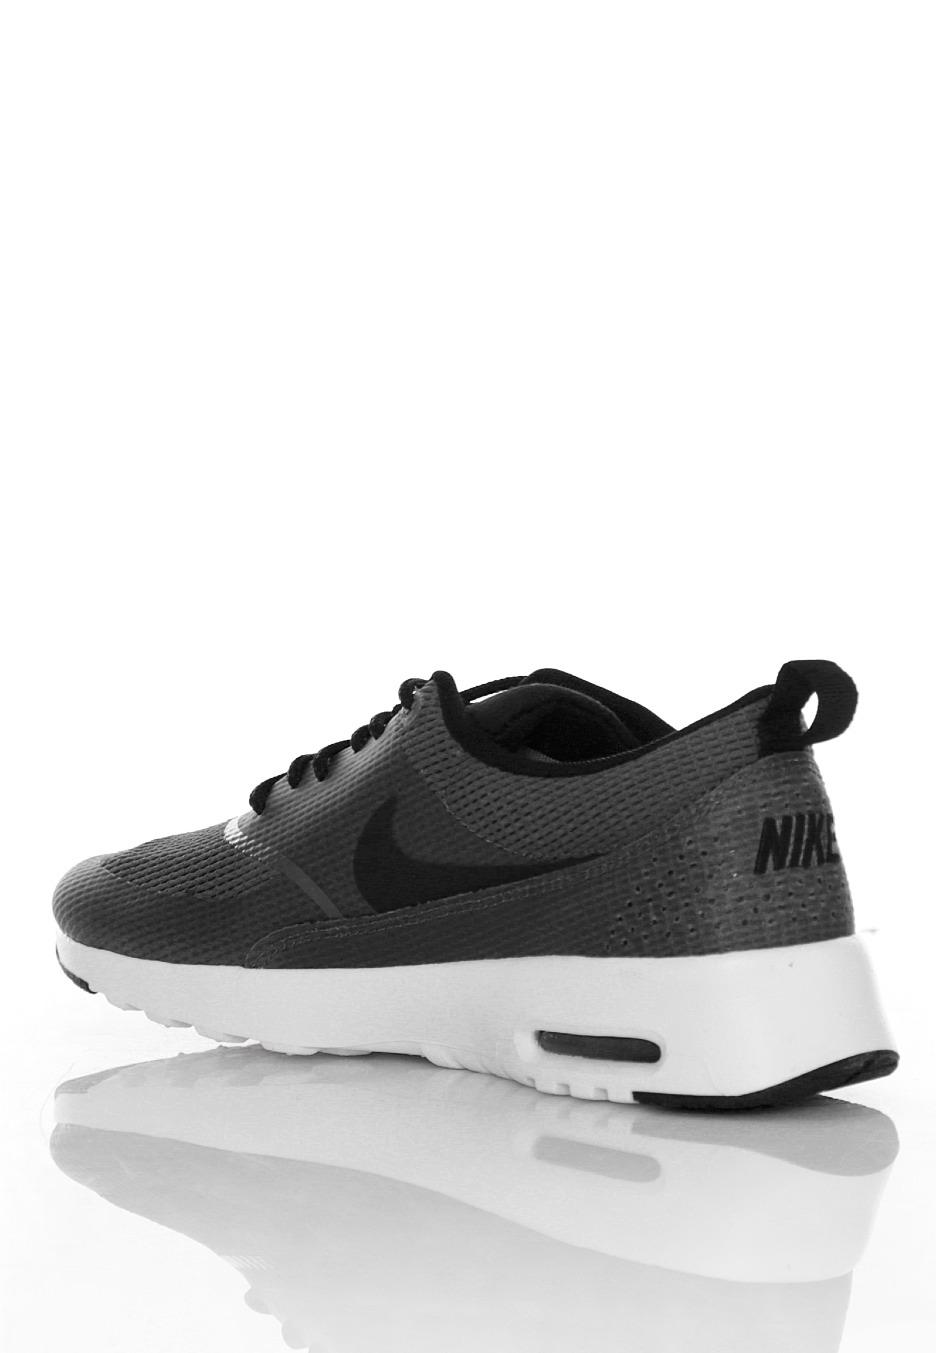 bc3e52df5634 50% off nike air max thea textil dark grey black white girl shoes 3eb23  1a17d